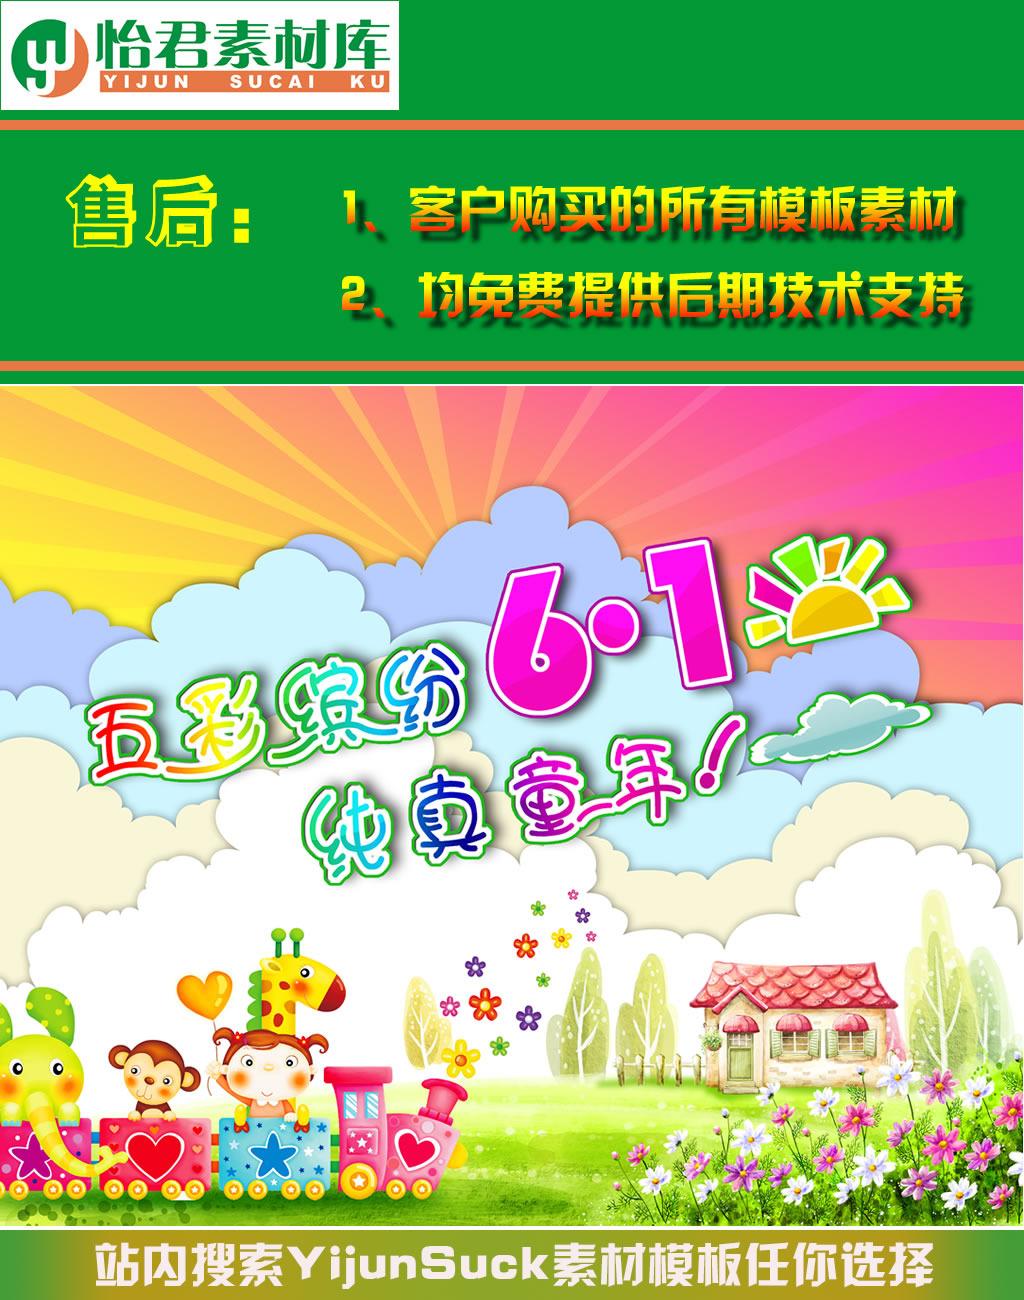 六一儿童节幼儿园海报模板